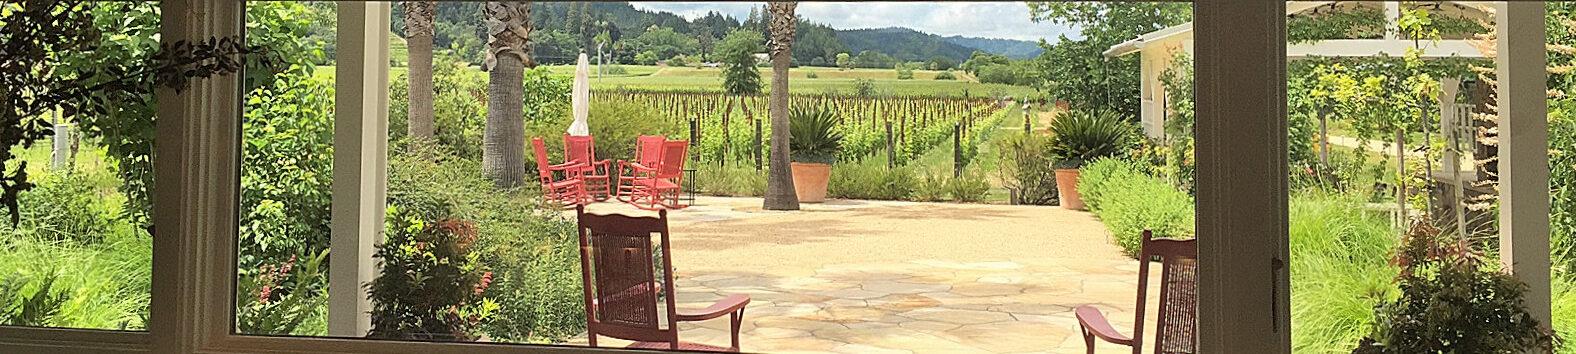 Wine Adventure Journal banner